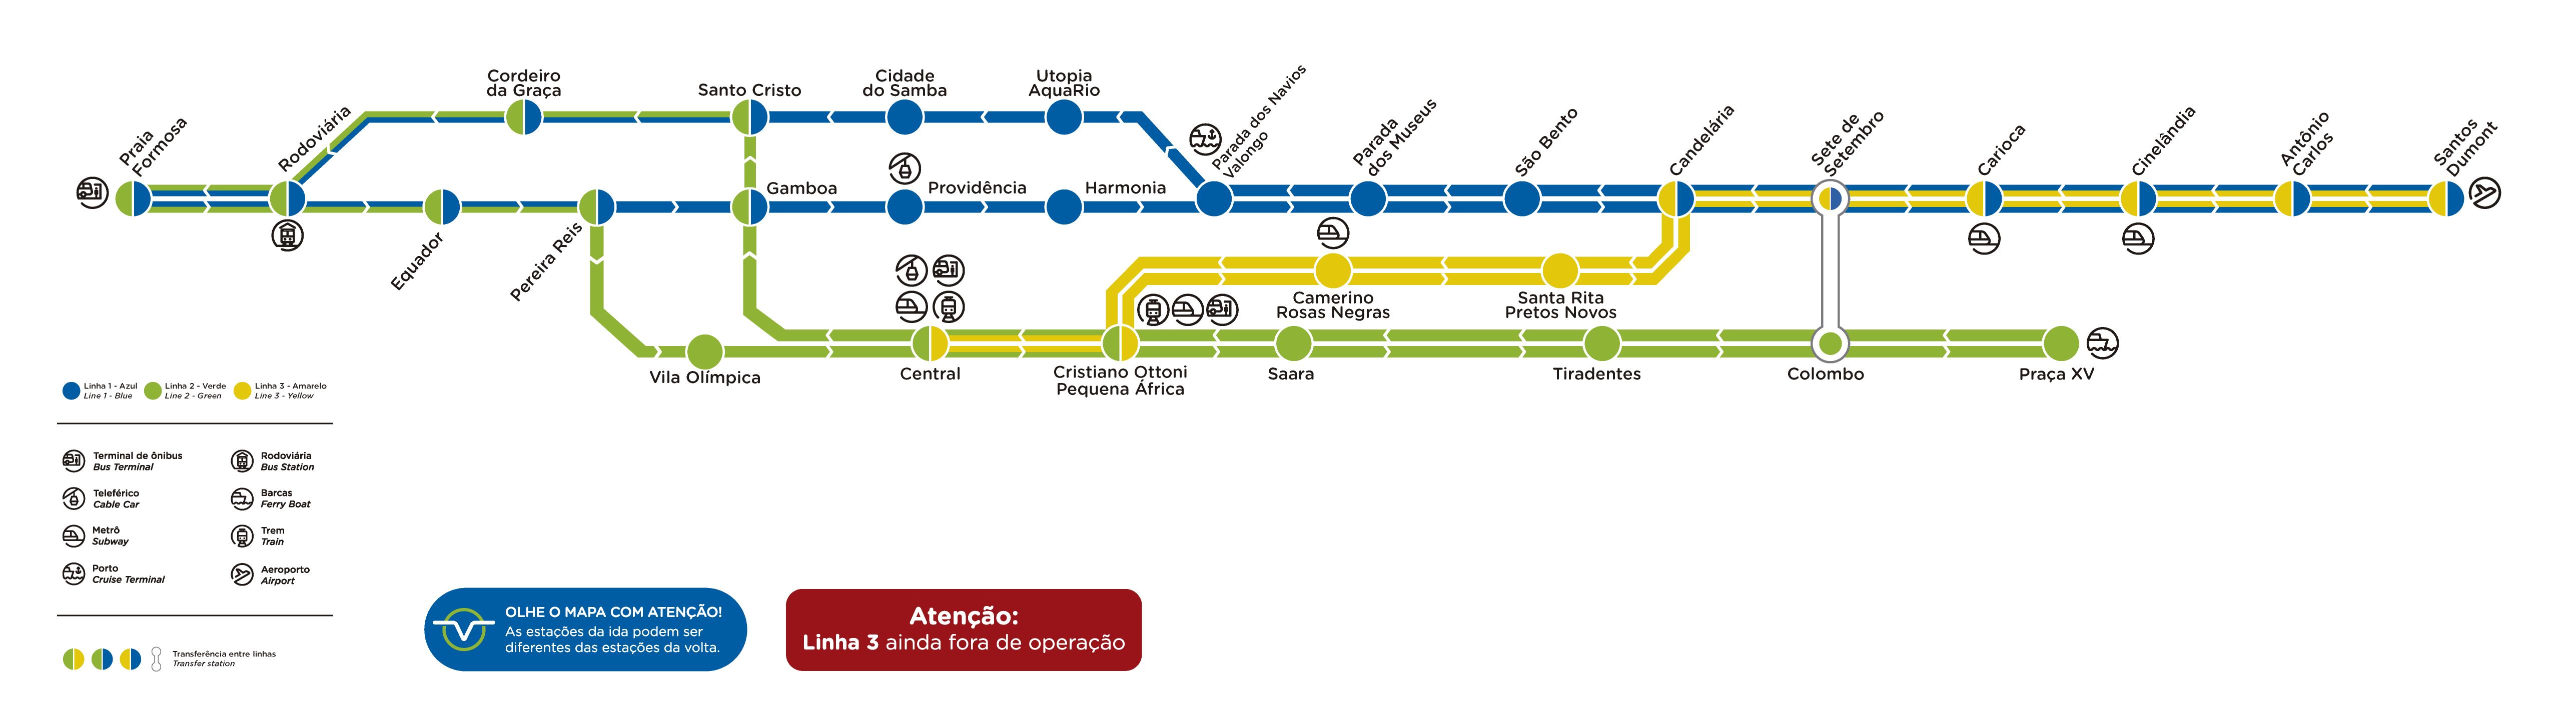 Mapa VLT Río de Janeiro